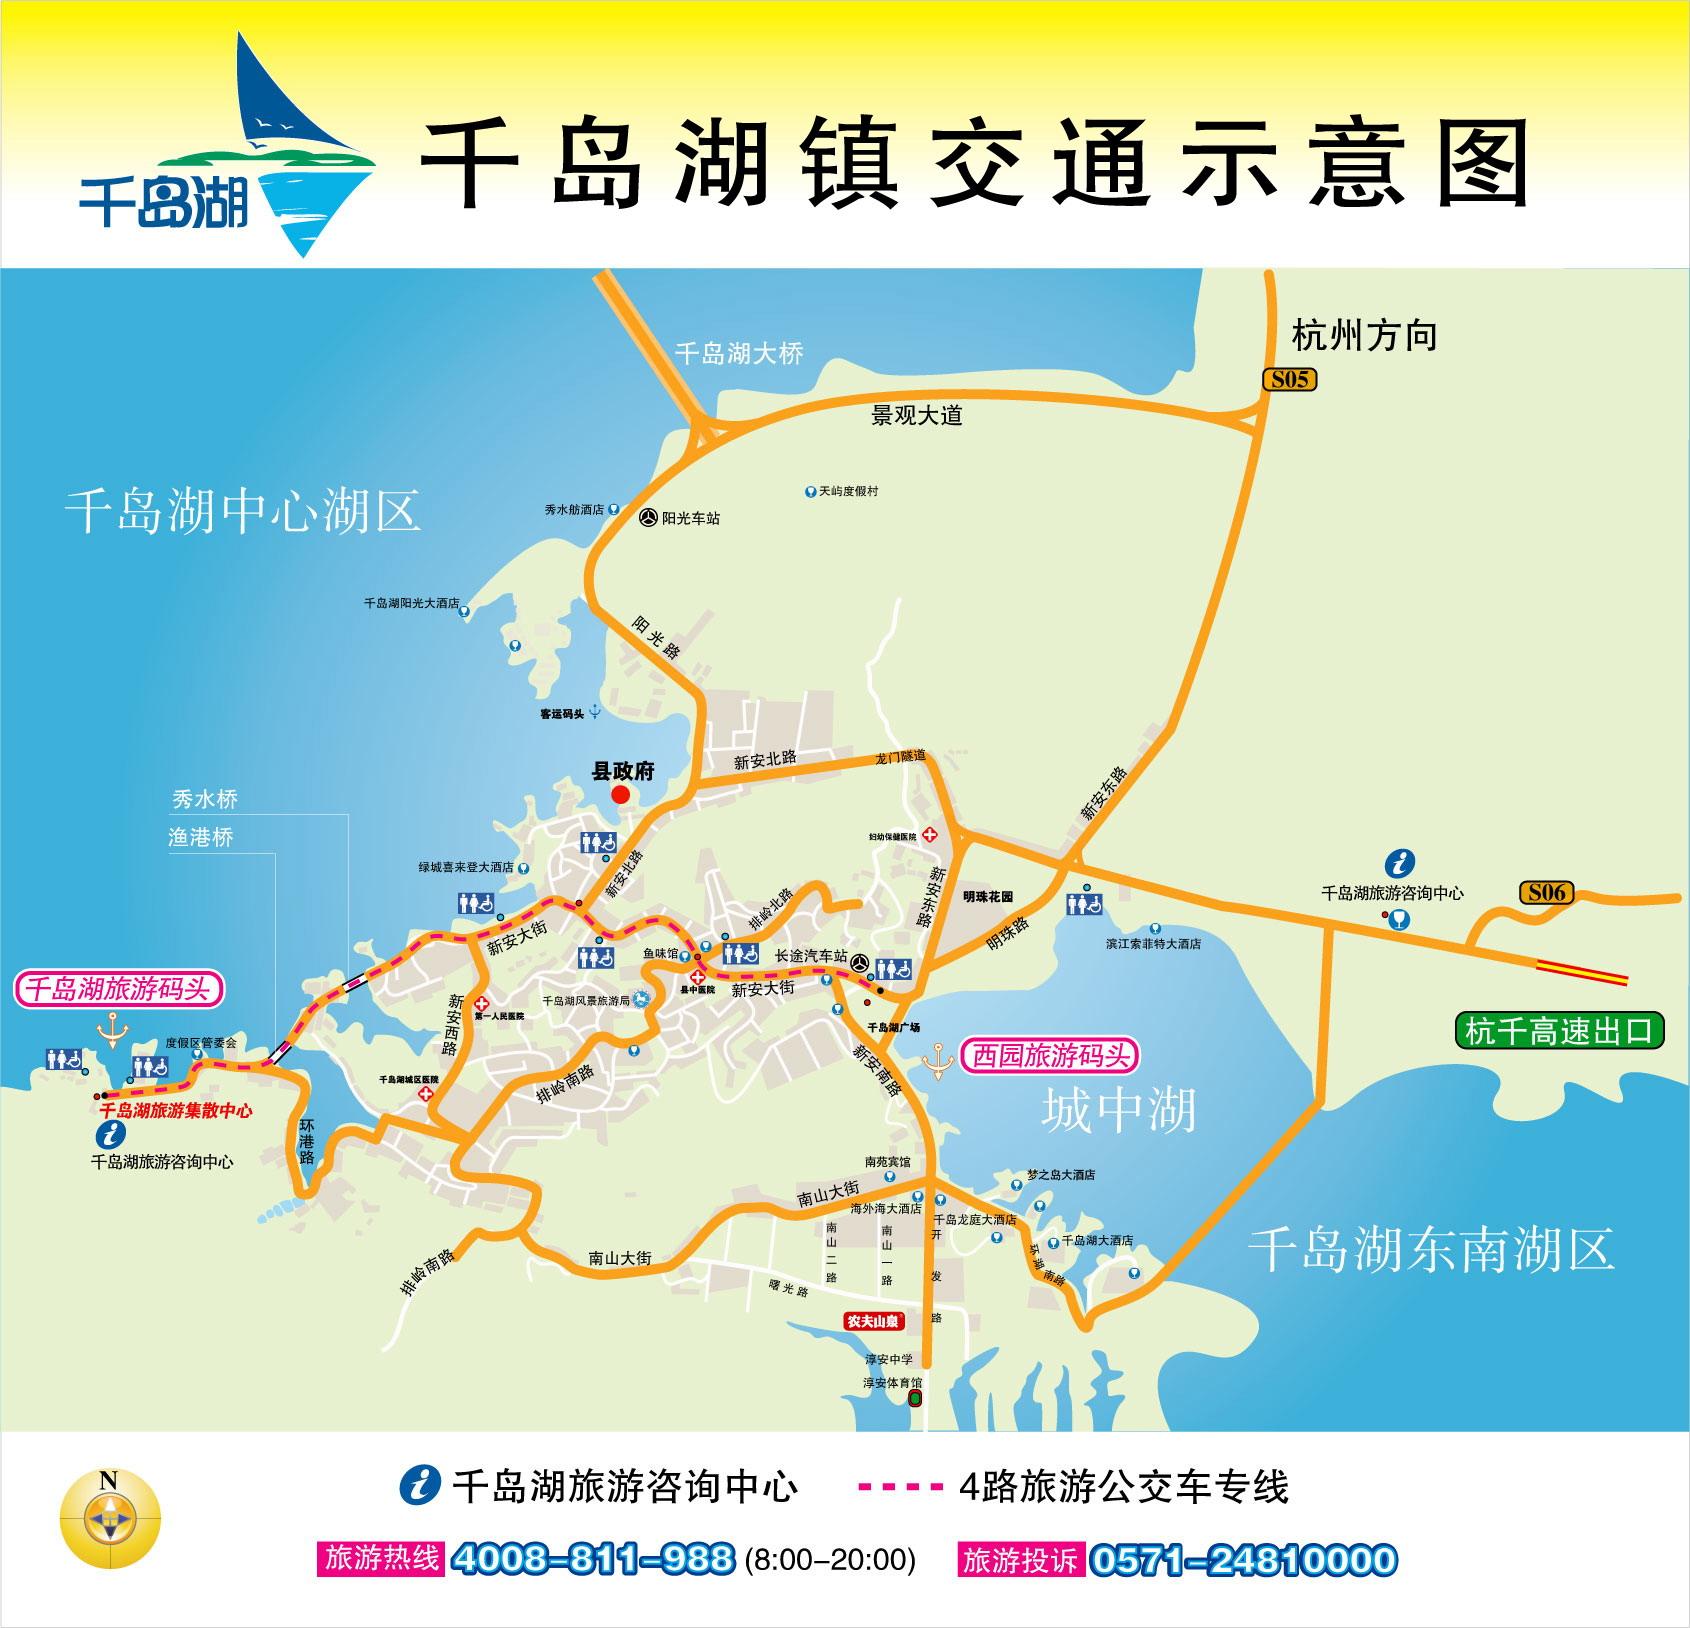 比赛地点为浙江省淳安县千岛湖水域,现将《竞赛规程》发给你们,请遵照